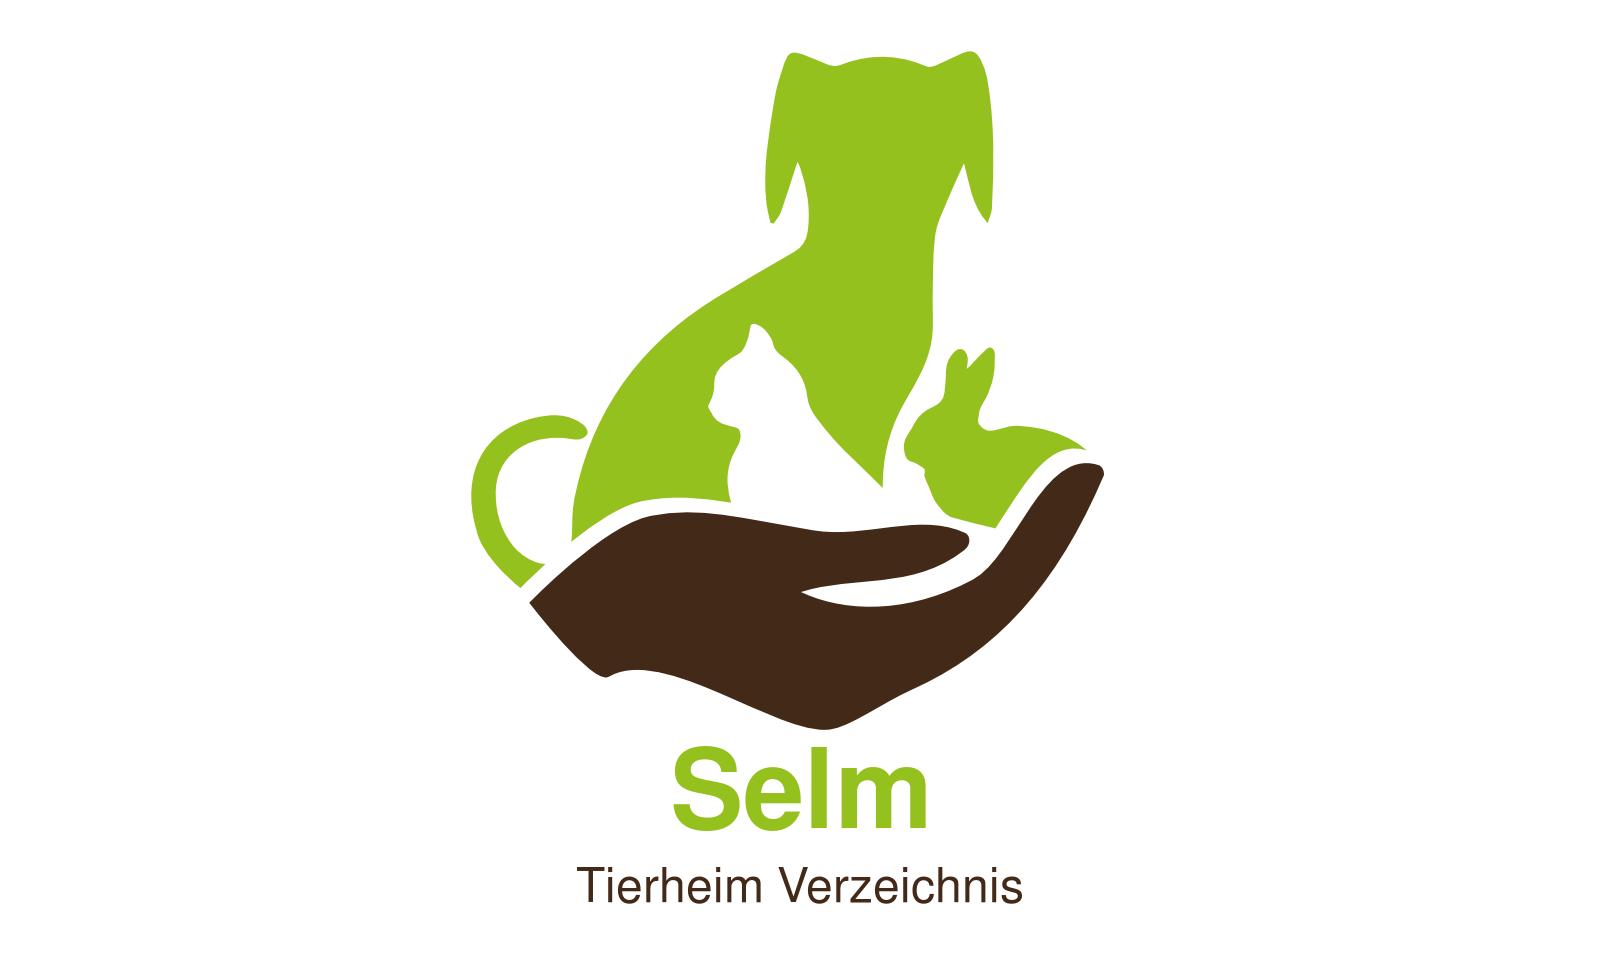 Tierheim Selm